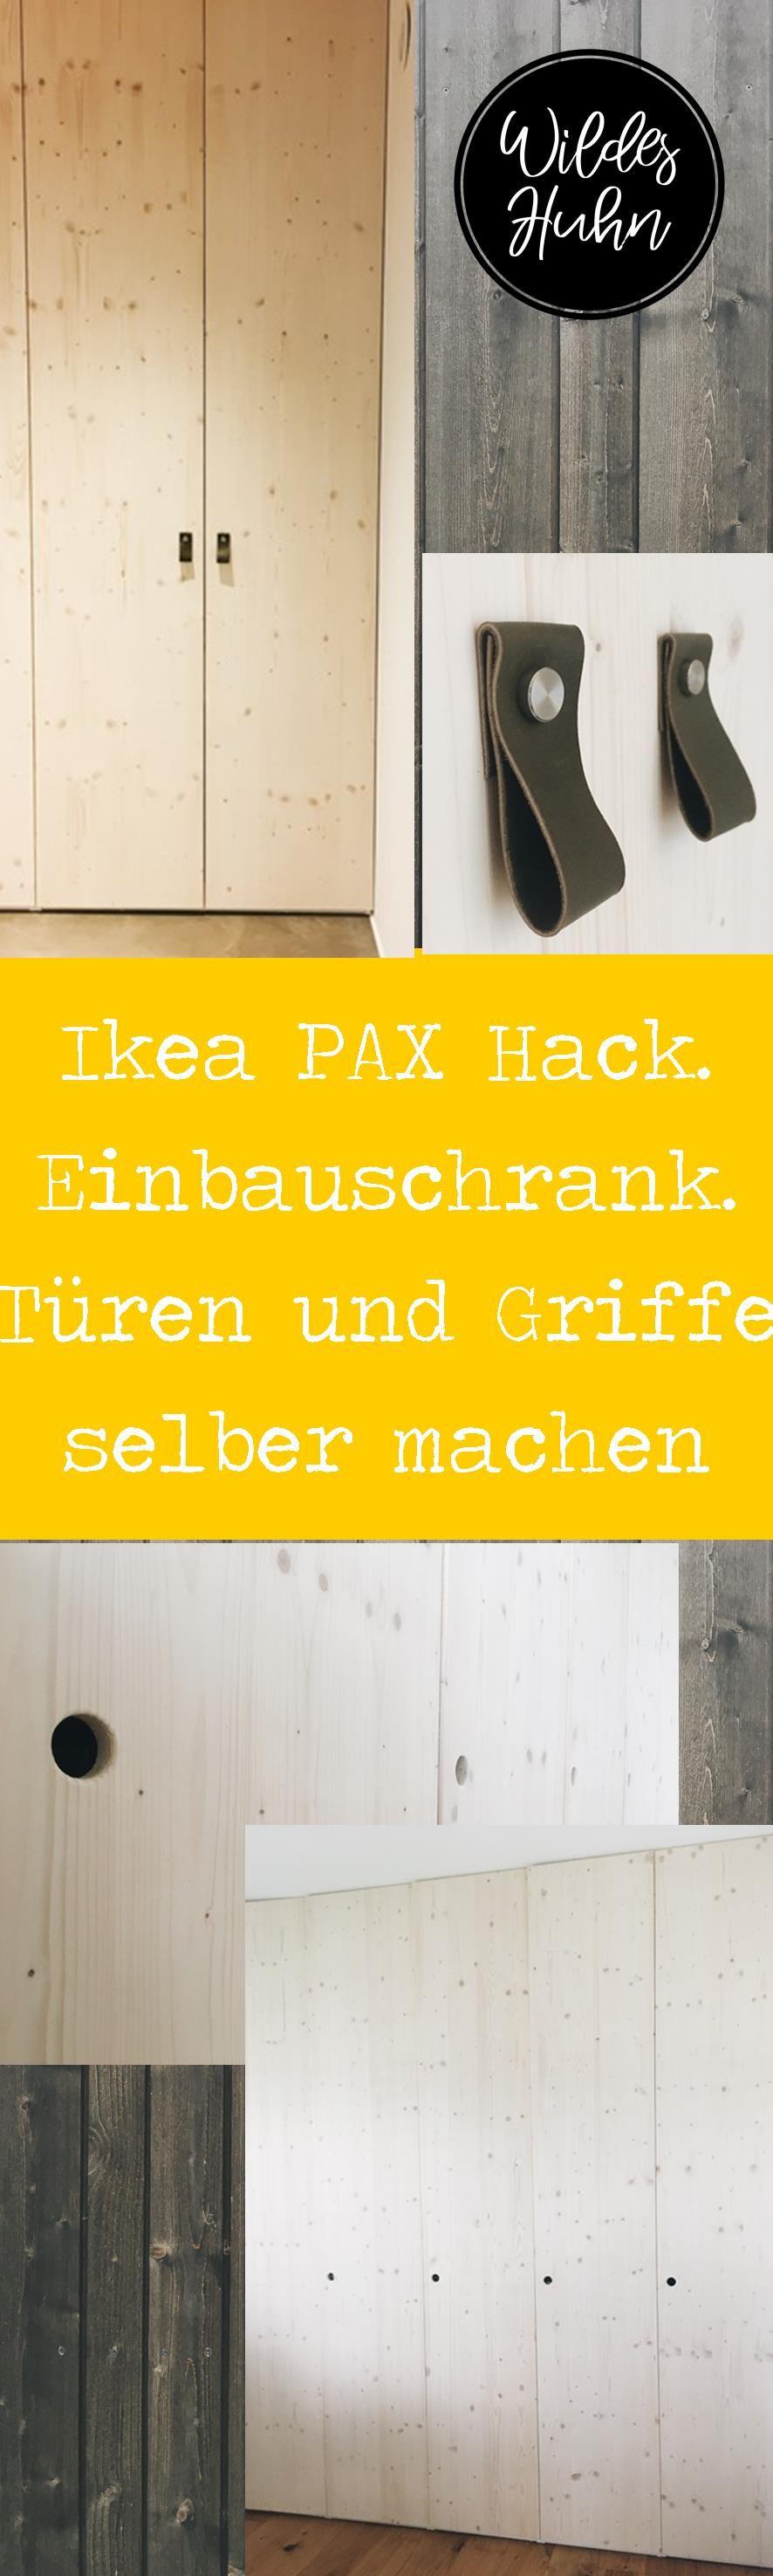 ikea pax hack um aus einem einfachen pax schrank einen. Black Bedroom Furniture Sets. Home Design Ideas